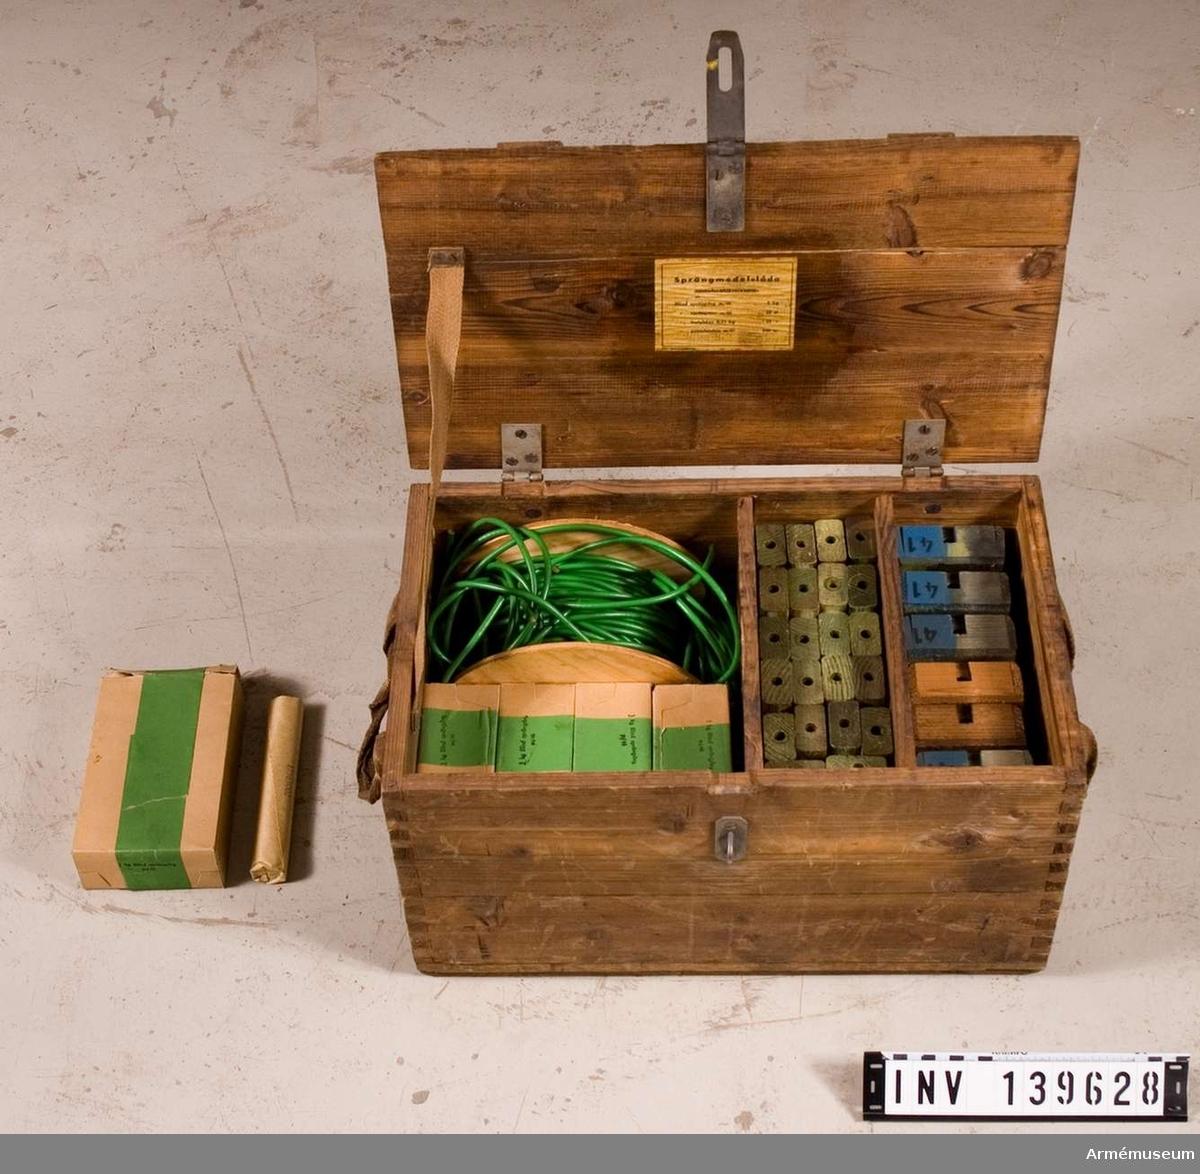 Lådan innehåller: Blind sprängstav m/1946, 22 st, Övningstrampmina m/1946, 6 st, 5 paket á 1 kg blind sprängdeg m/1946, Blind pentylstubin m/1947 på rulle, samt ett antal kortare bitar, varav två med blind sprängpatron.  Enligt etikett på lådans insida ska den innehålla: Blind sprängdeg m/1946, 5 kg, Blind sprängstav m/1946, 23 st, Blind trotylstav 0,25 kg, 23 st, Blind pentylstubin m/1947, 100 m.